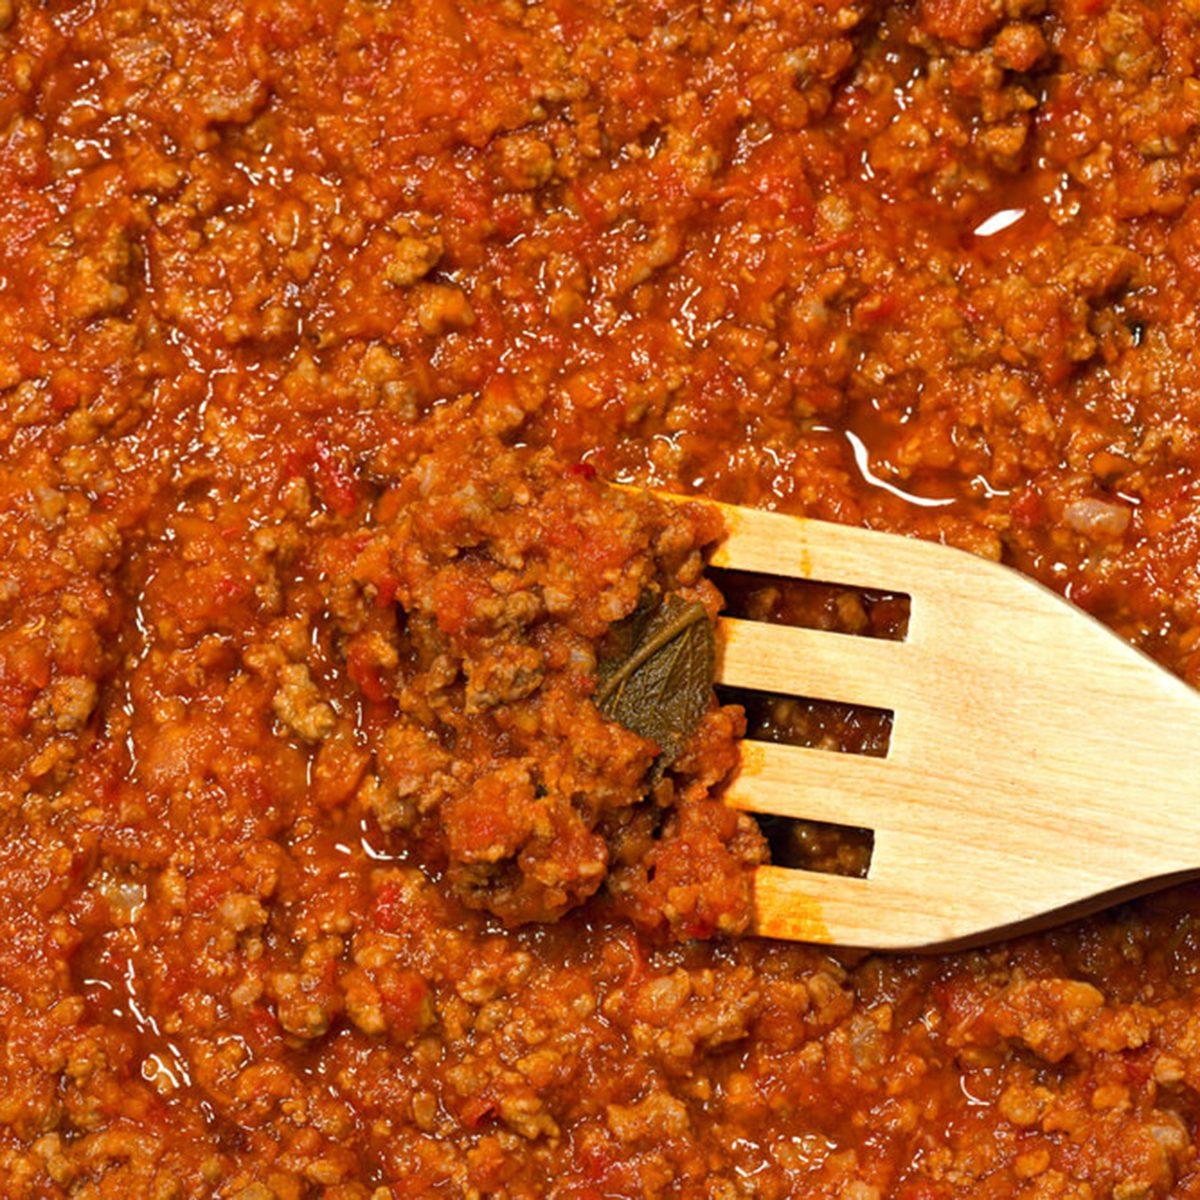 Jarred tomato sauce